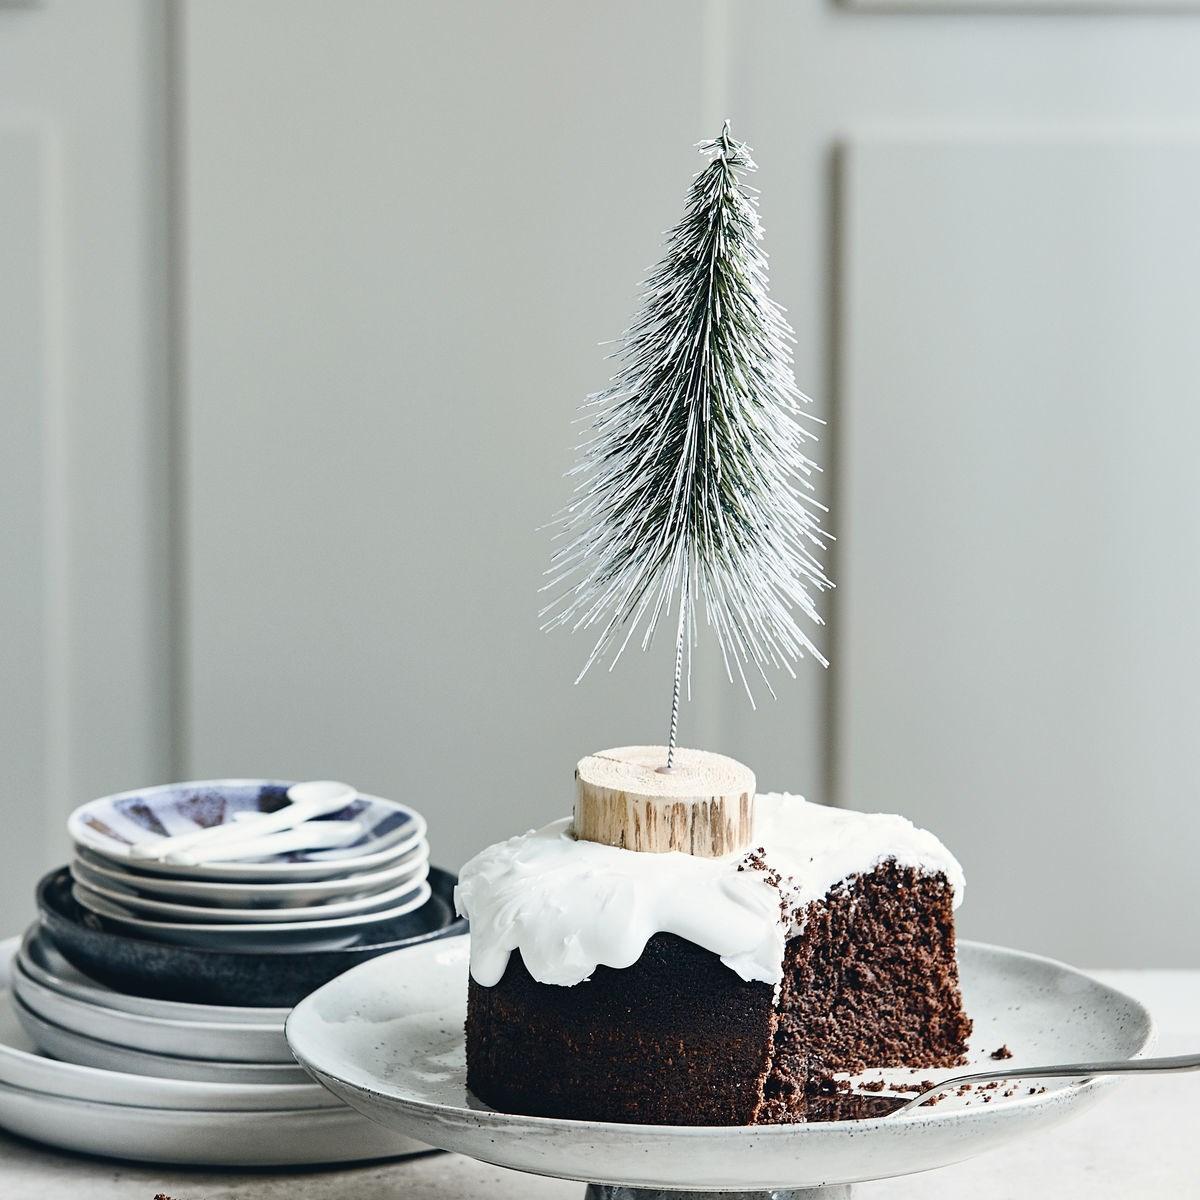 Dekorace vánoční strom SPINKLE 30 cm, zasněžený_0